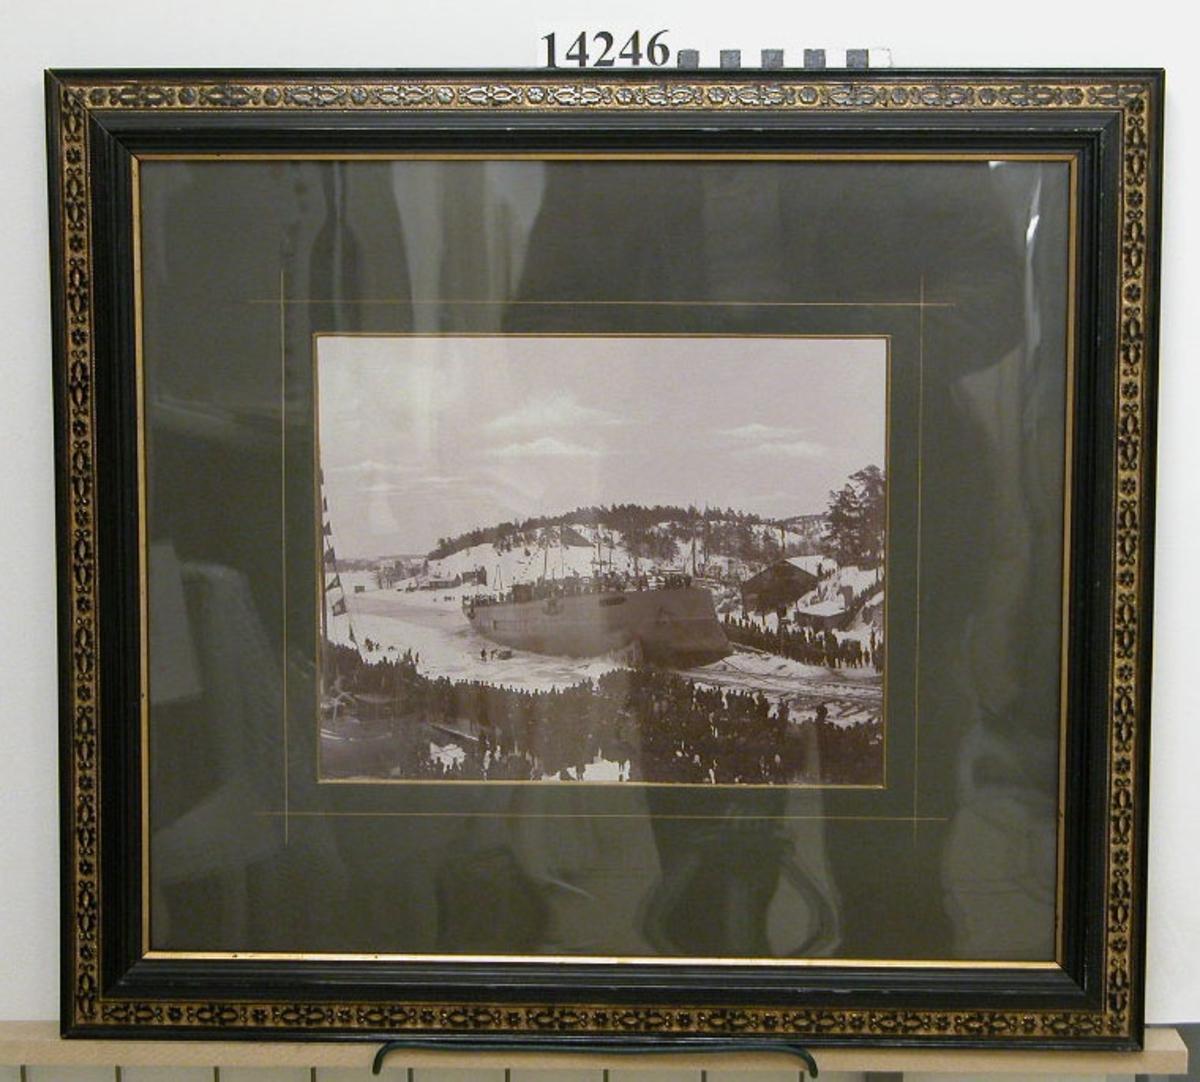 Fotografi inom glas och ram. Motiv: Pansarbåten Thules sjösättning. Text på baksidan: Pansarbåten Thules aflöpning vid Finnboda Slip d 4 Mars 1893.